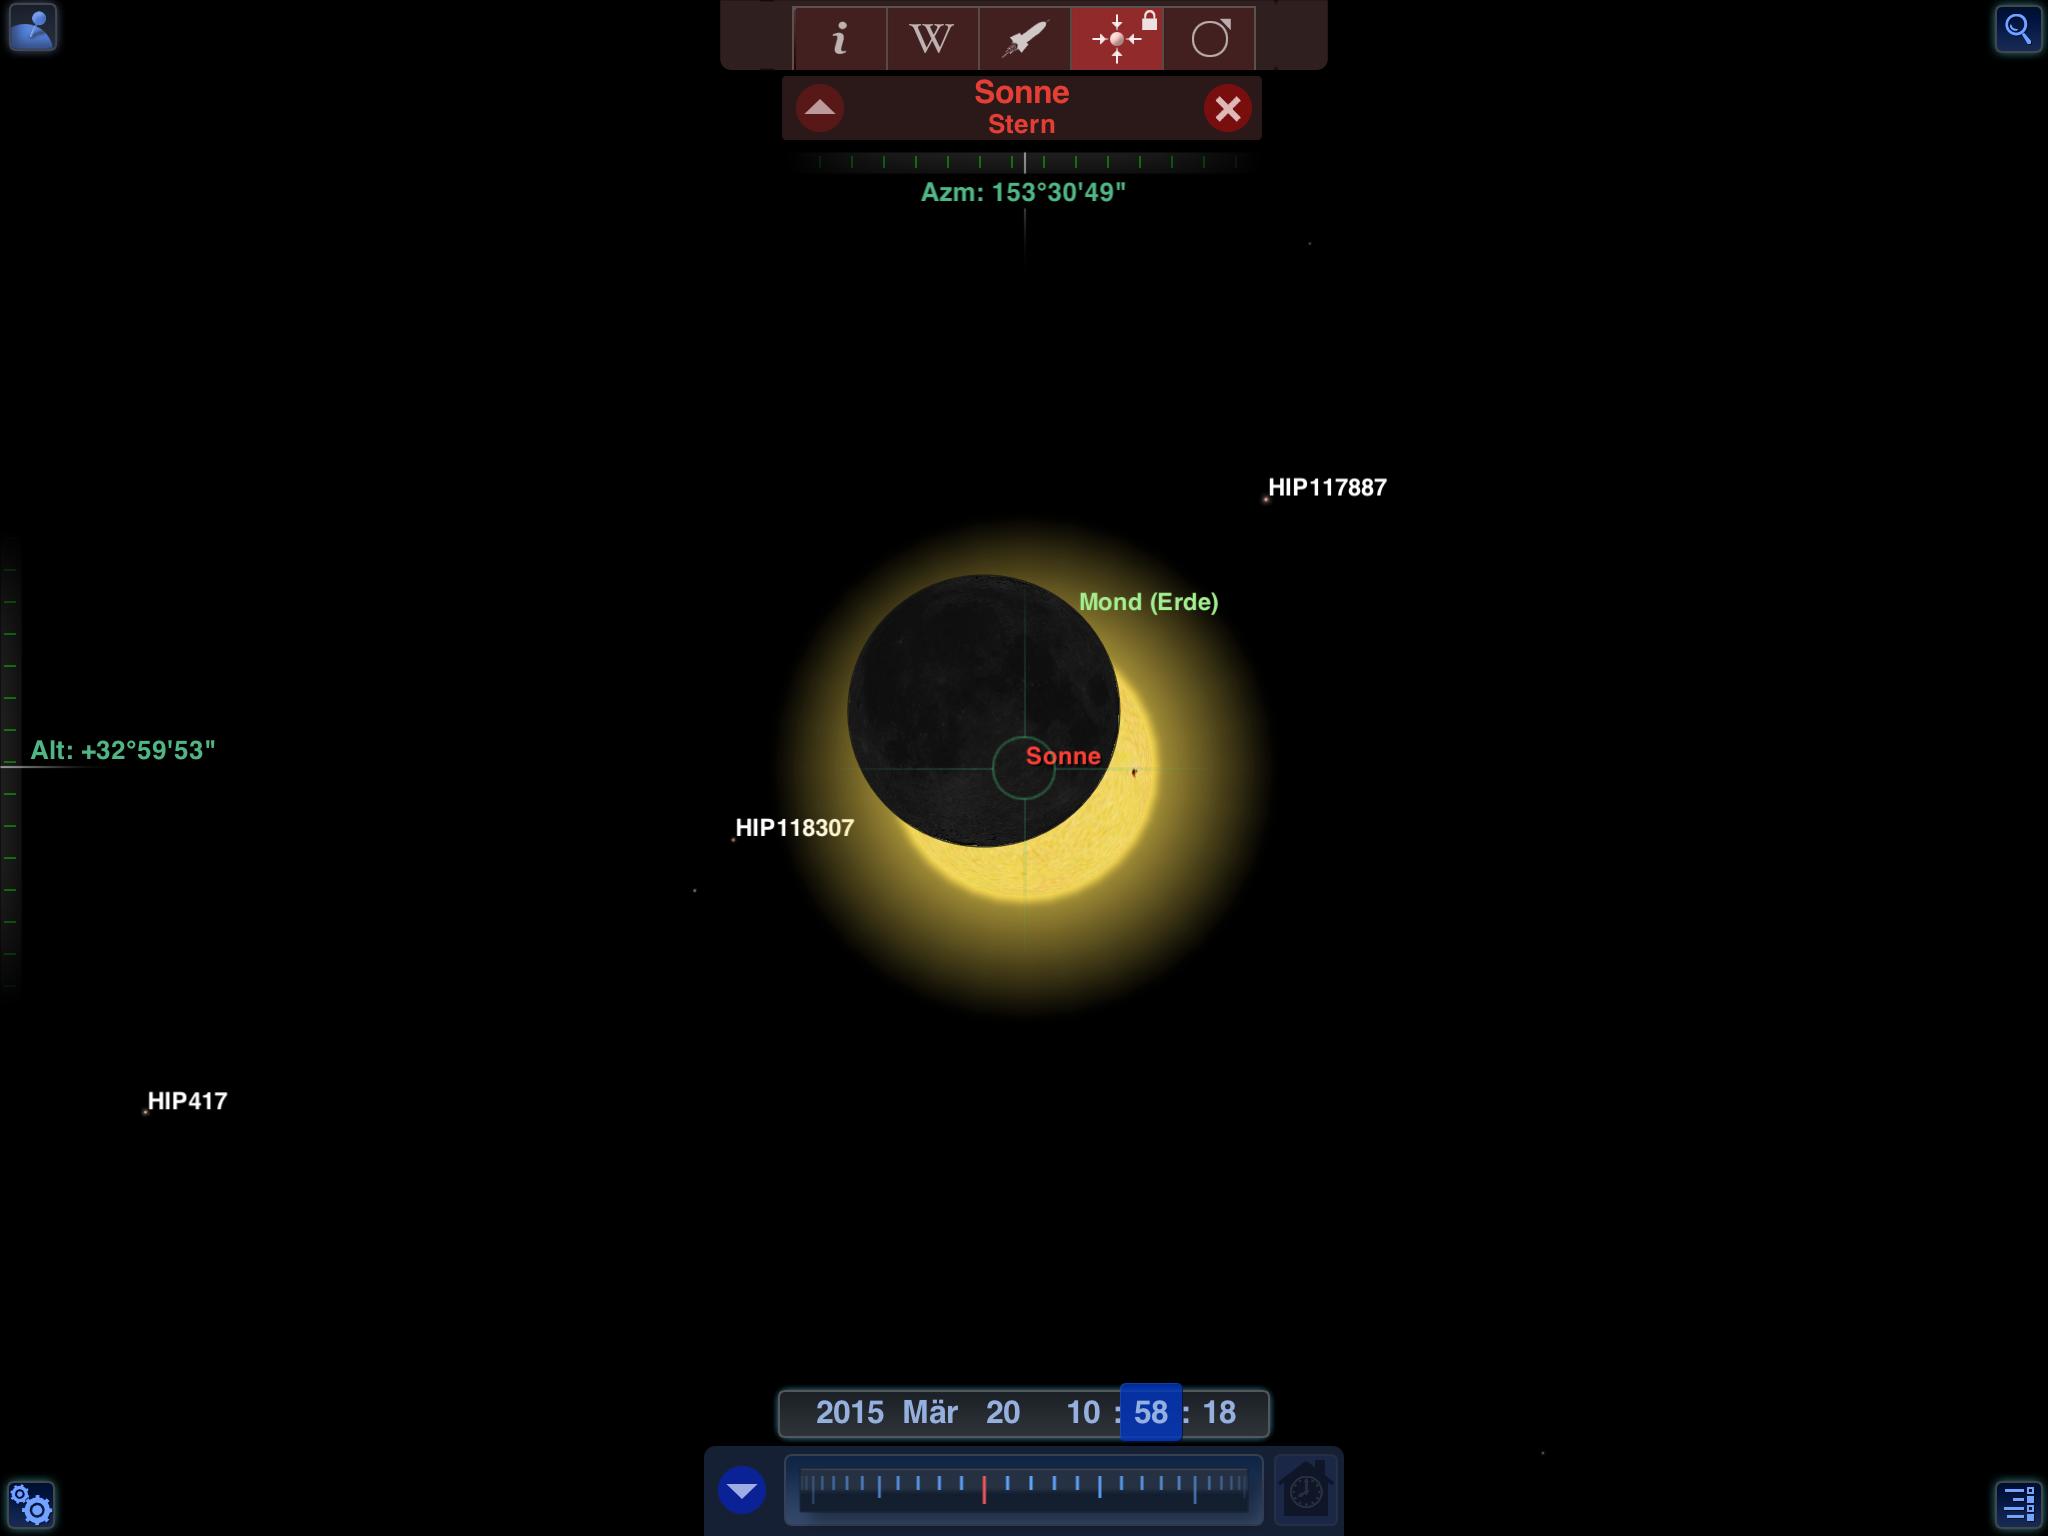 Mond geht wieder